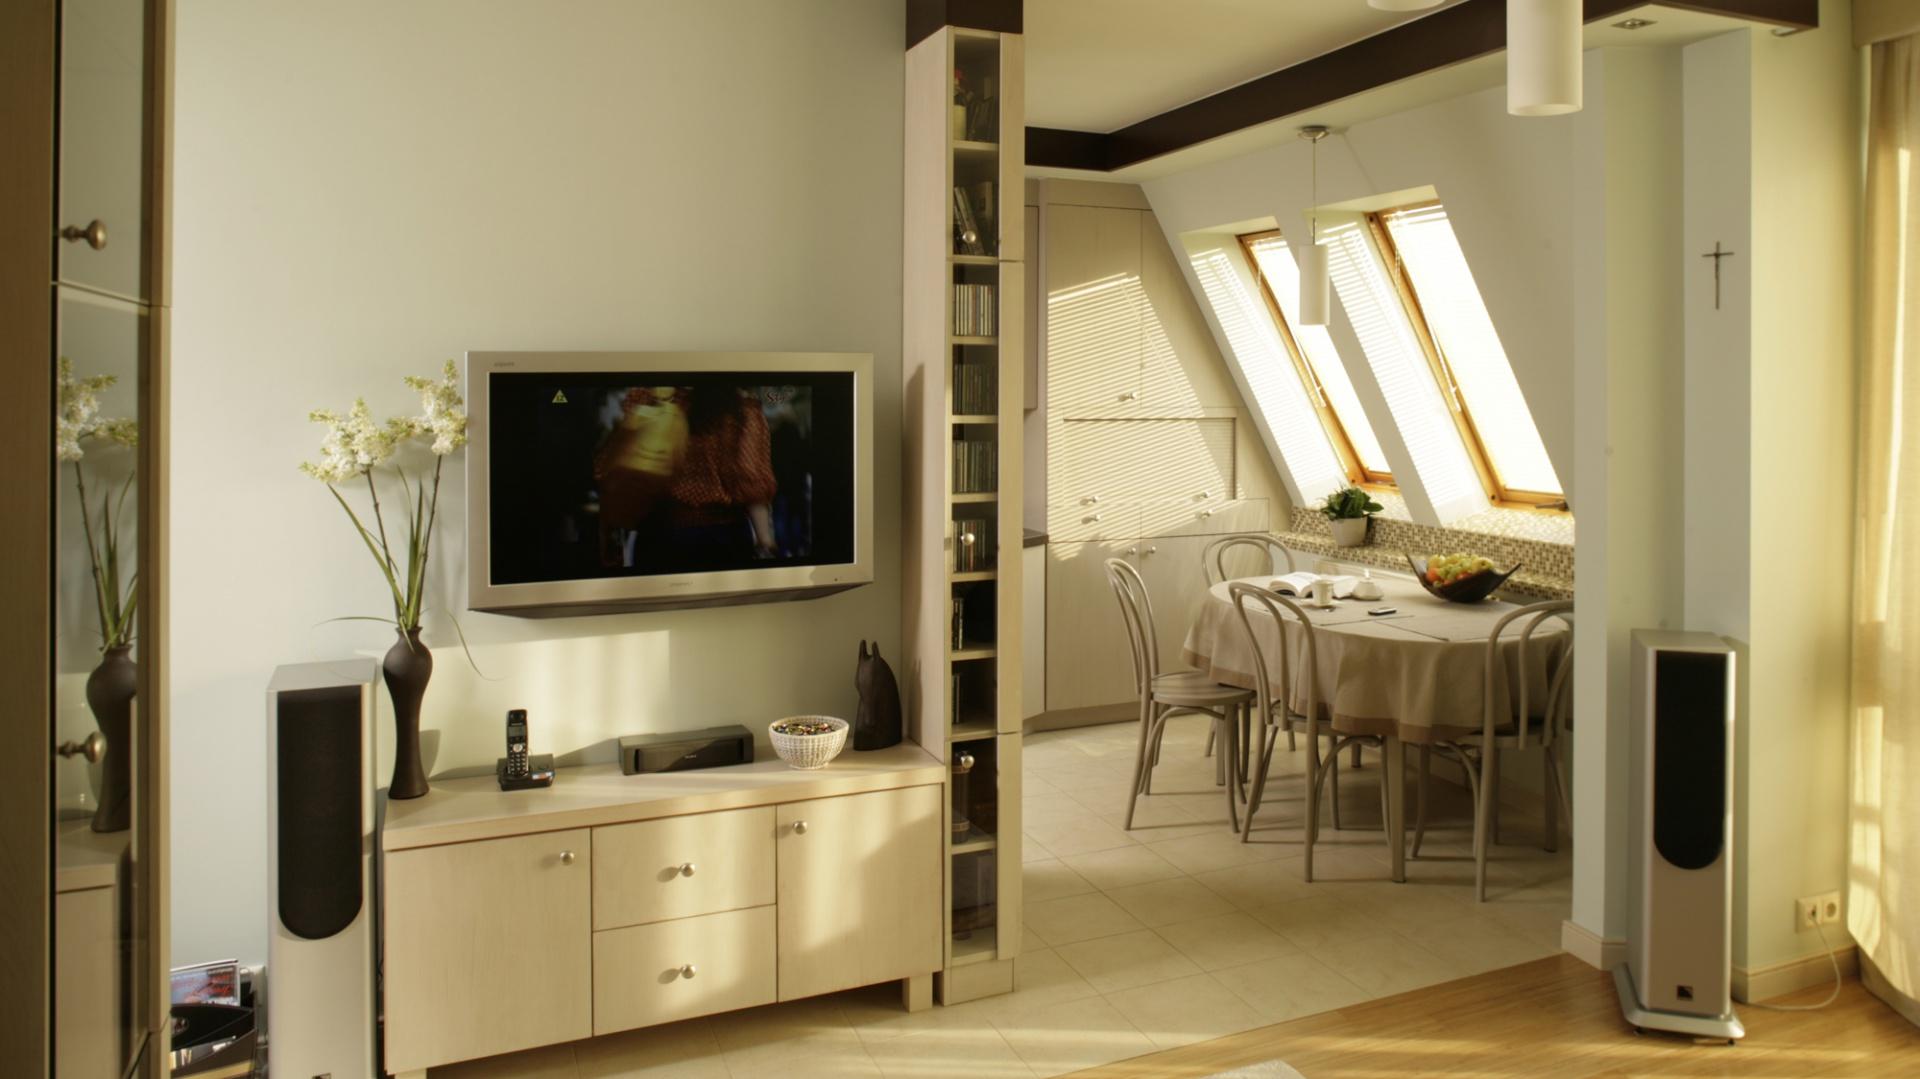 Ścianka, przy której znajduje się kącik RTV, przesłania prawie całą kuchnię. Meble salonowe są wykonane z tych samych materiałów, co kuchenne. Identyczne są też metalowe uchwyty. Fot. Bartosz Jarosz.